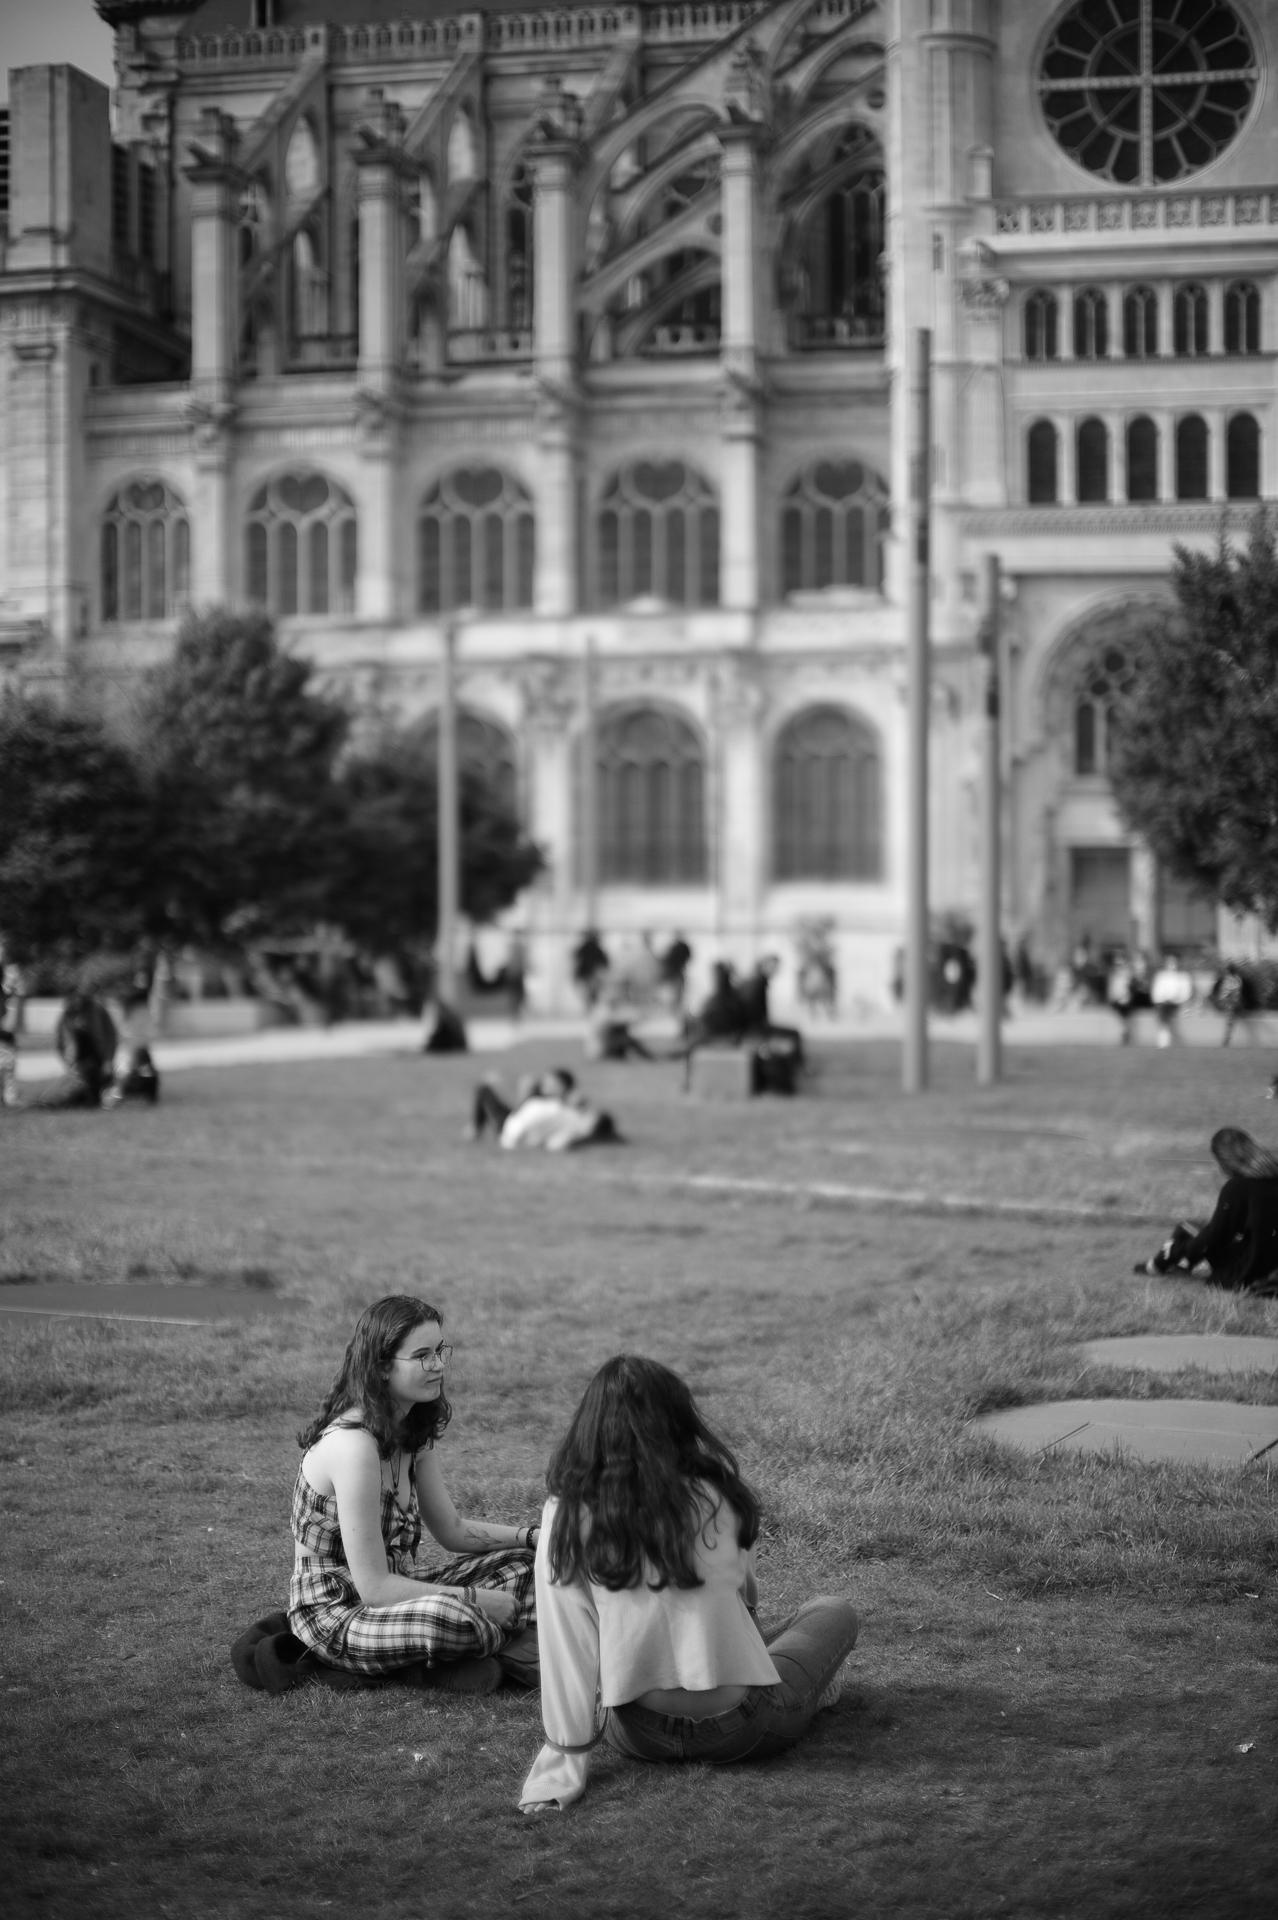 Les jeunes filles devant l'Église Saint-Eustache © 2019 Jerry Yang